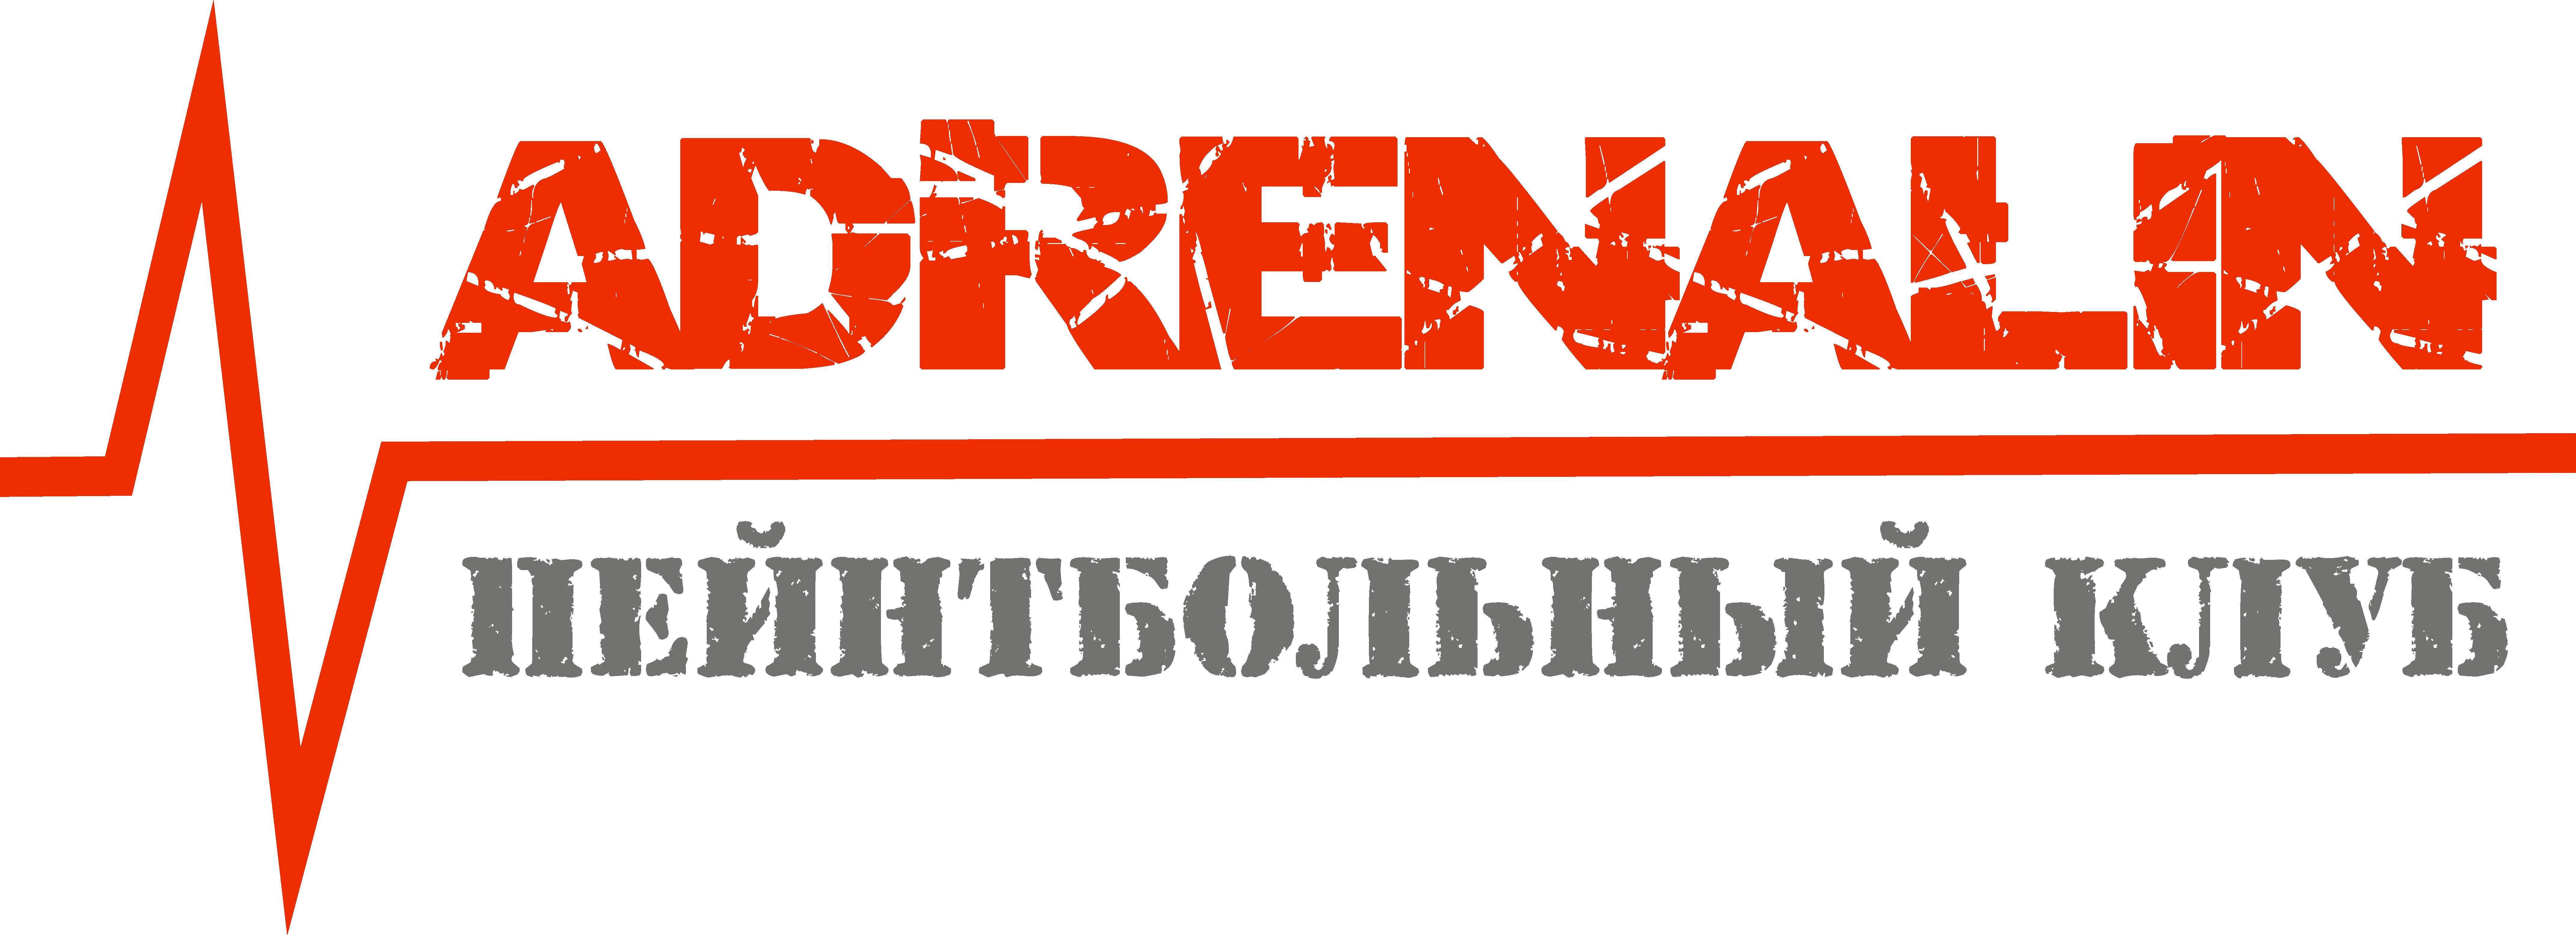 """Пейнтбол  в Вологде - клуб """"Адреналин"""" Вологда (Рыбкино)"""